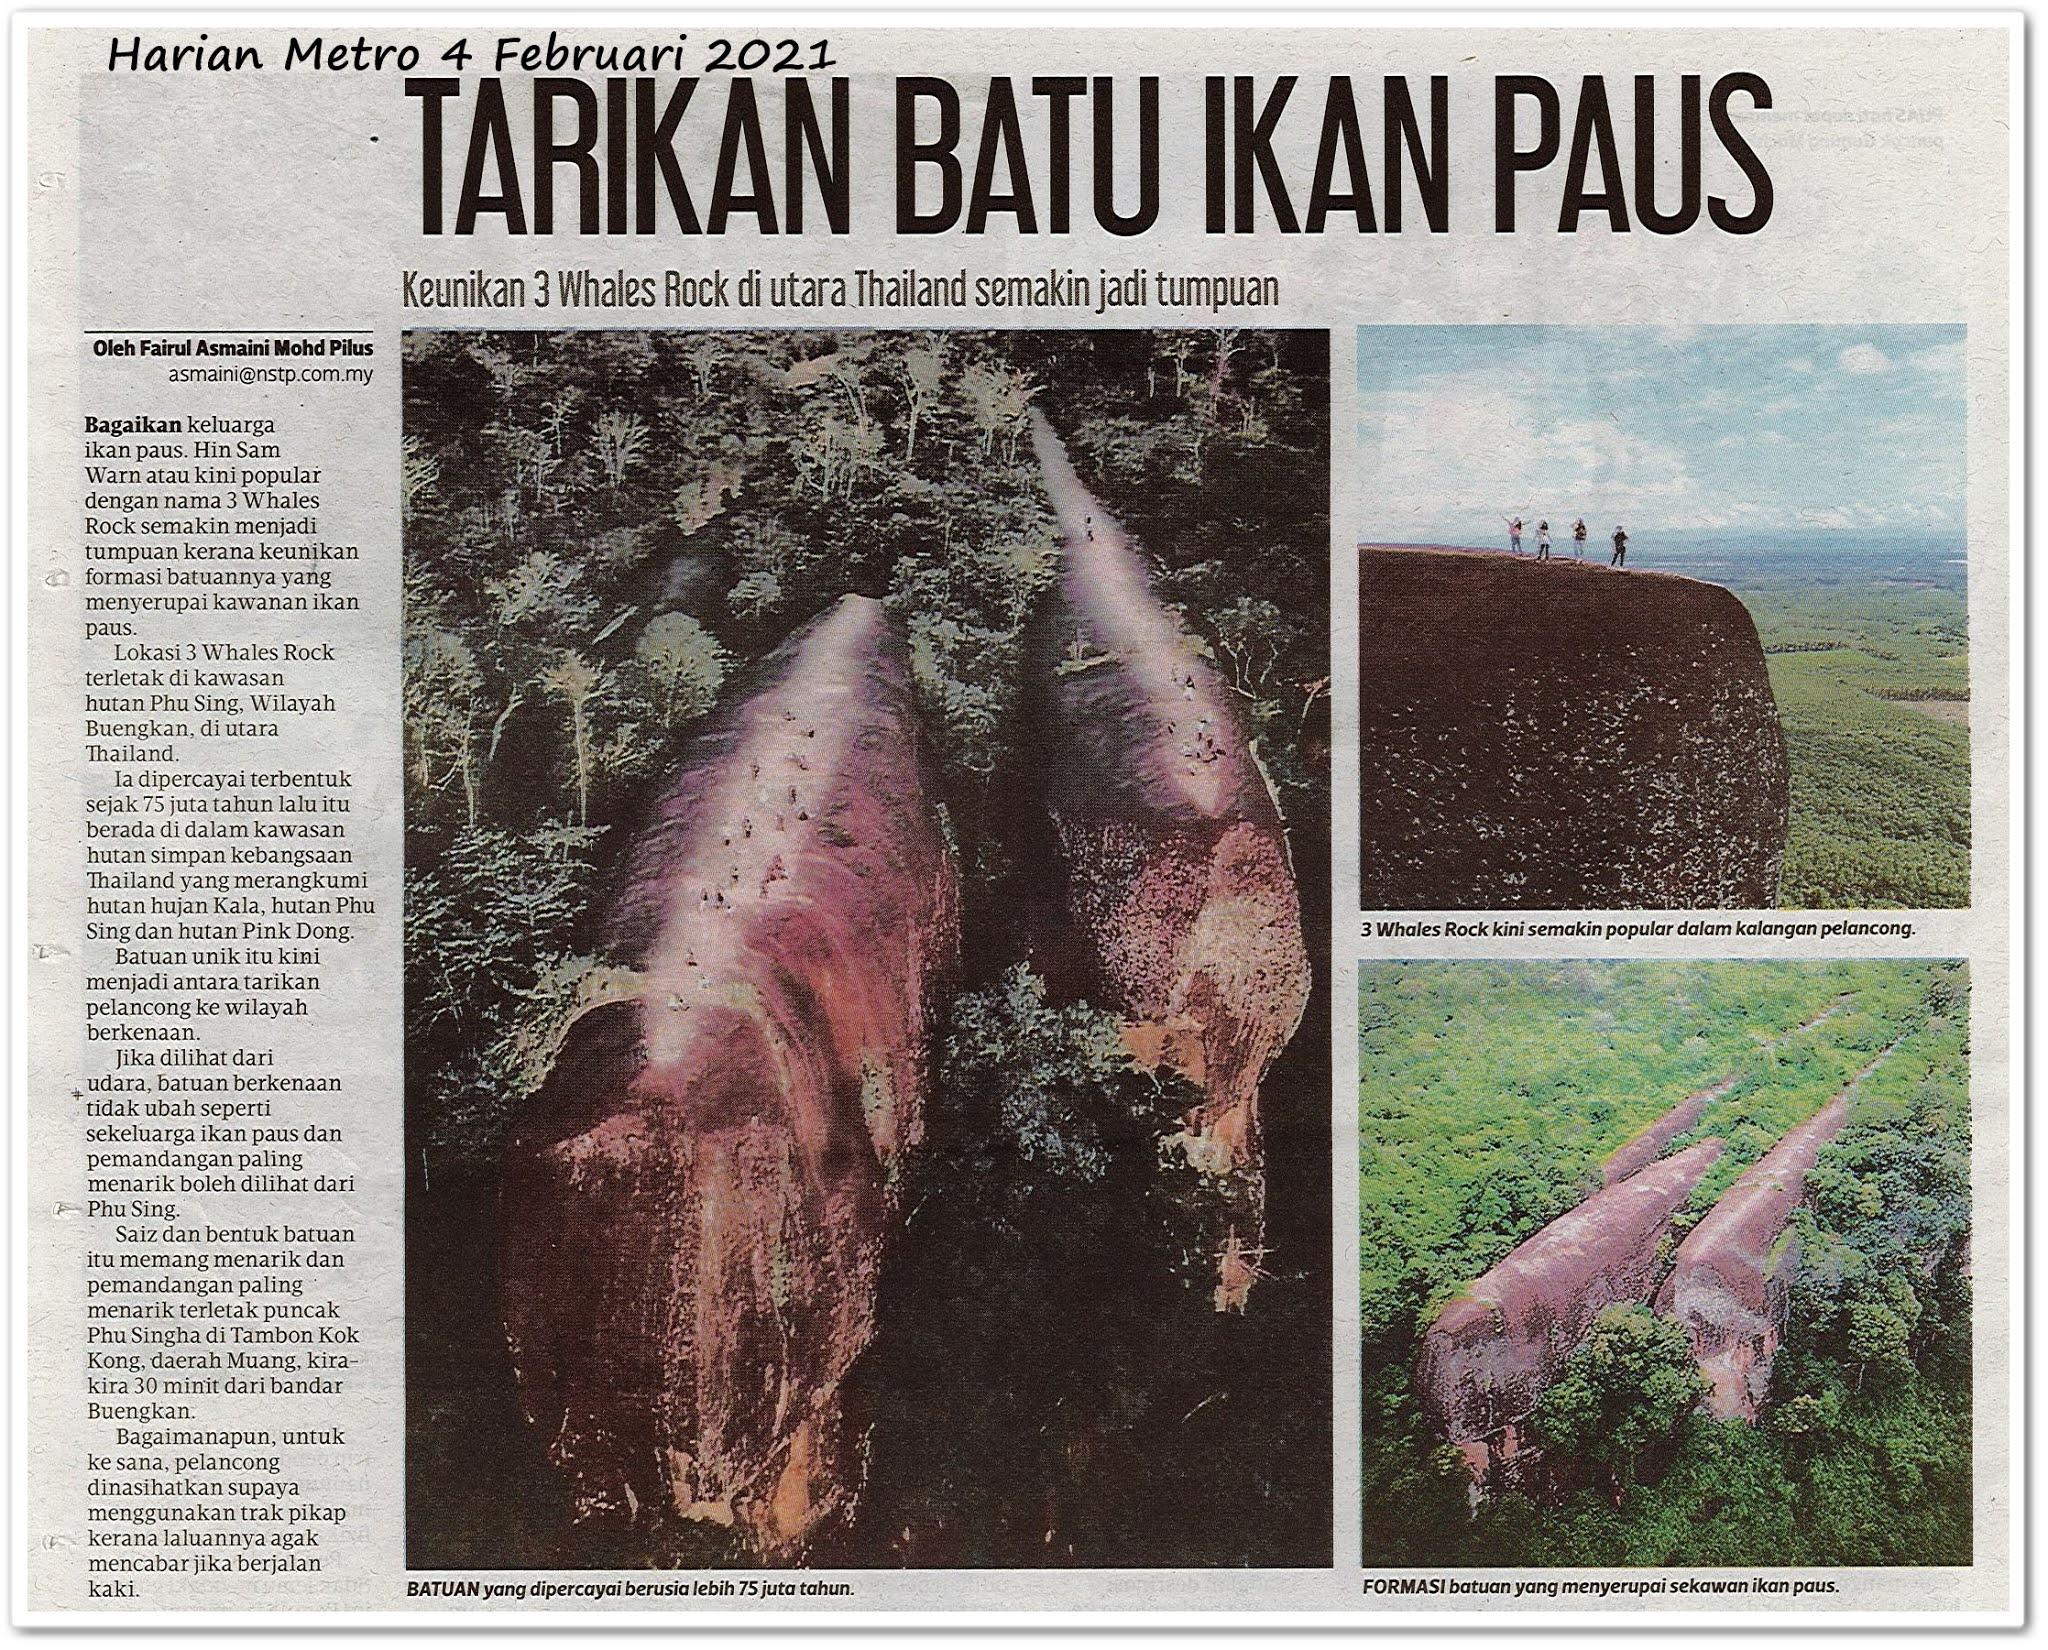 Tarikan batu ikan paus - Keratan akhbar Harian Metro 4 Februari 2021